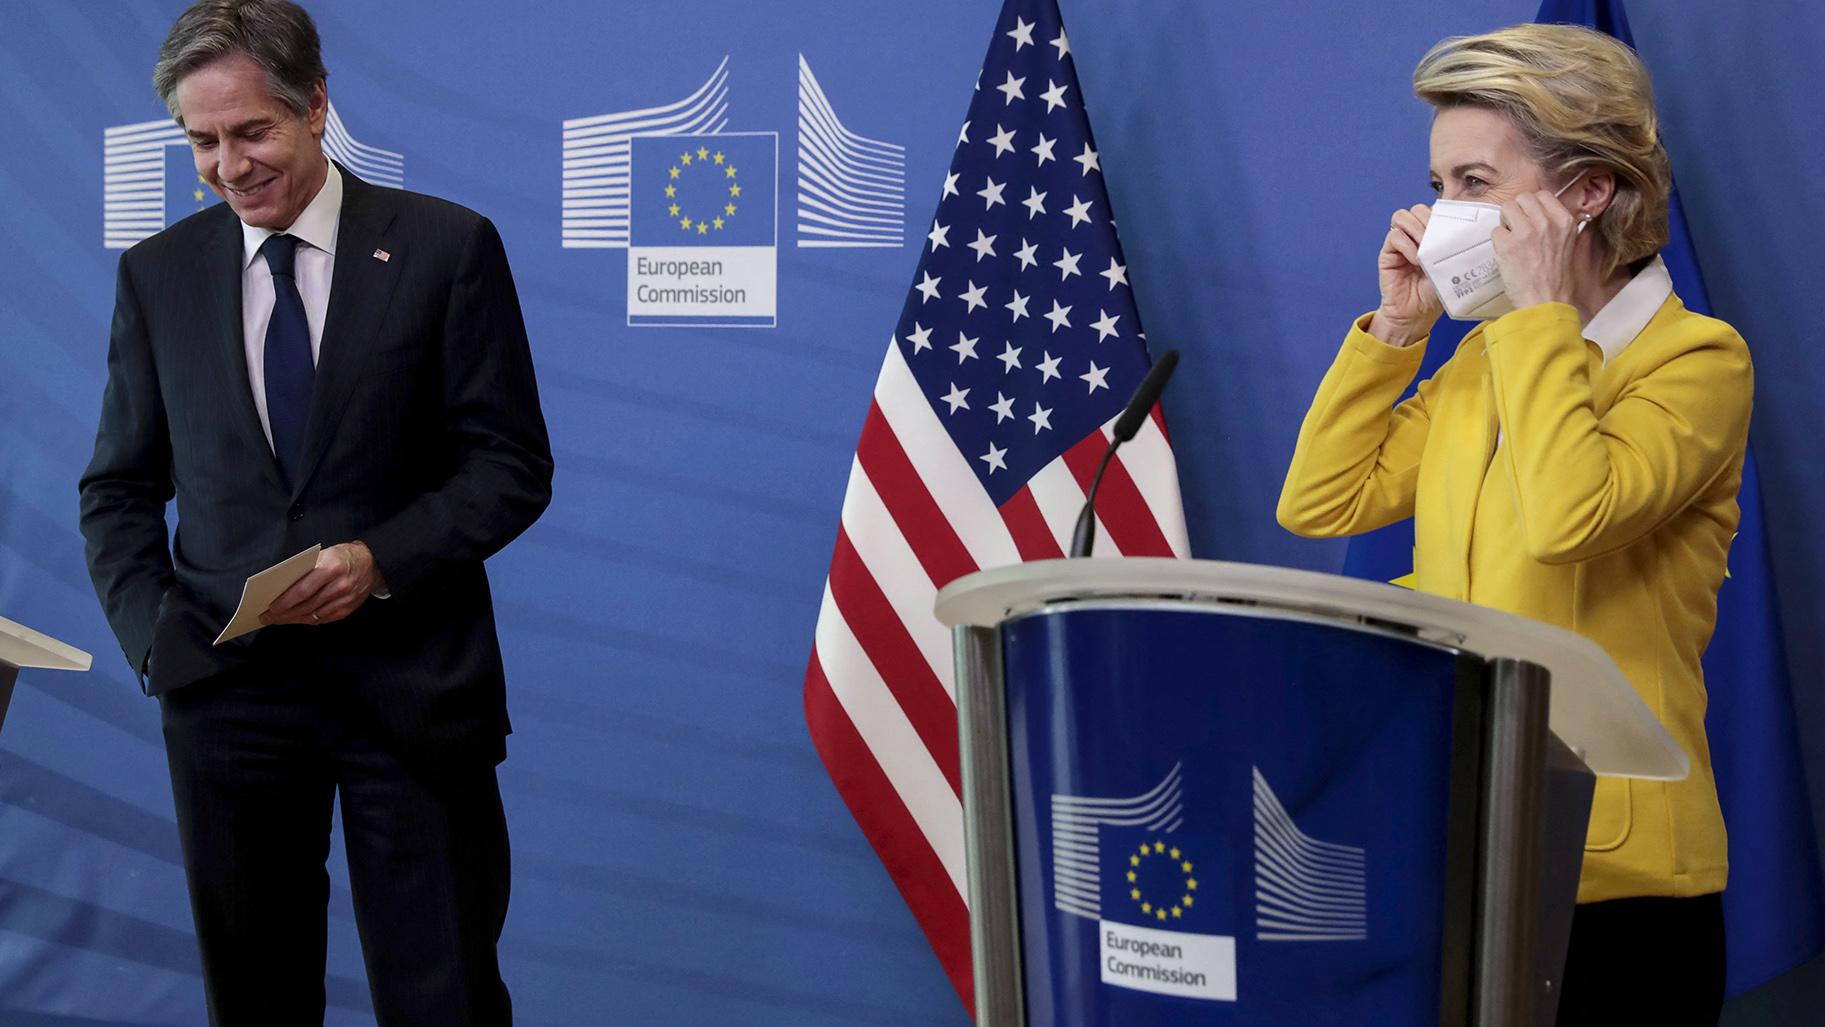 布林肯访问欧洲成果初现 中国战狼帮了大忙